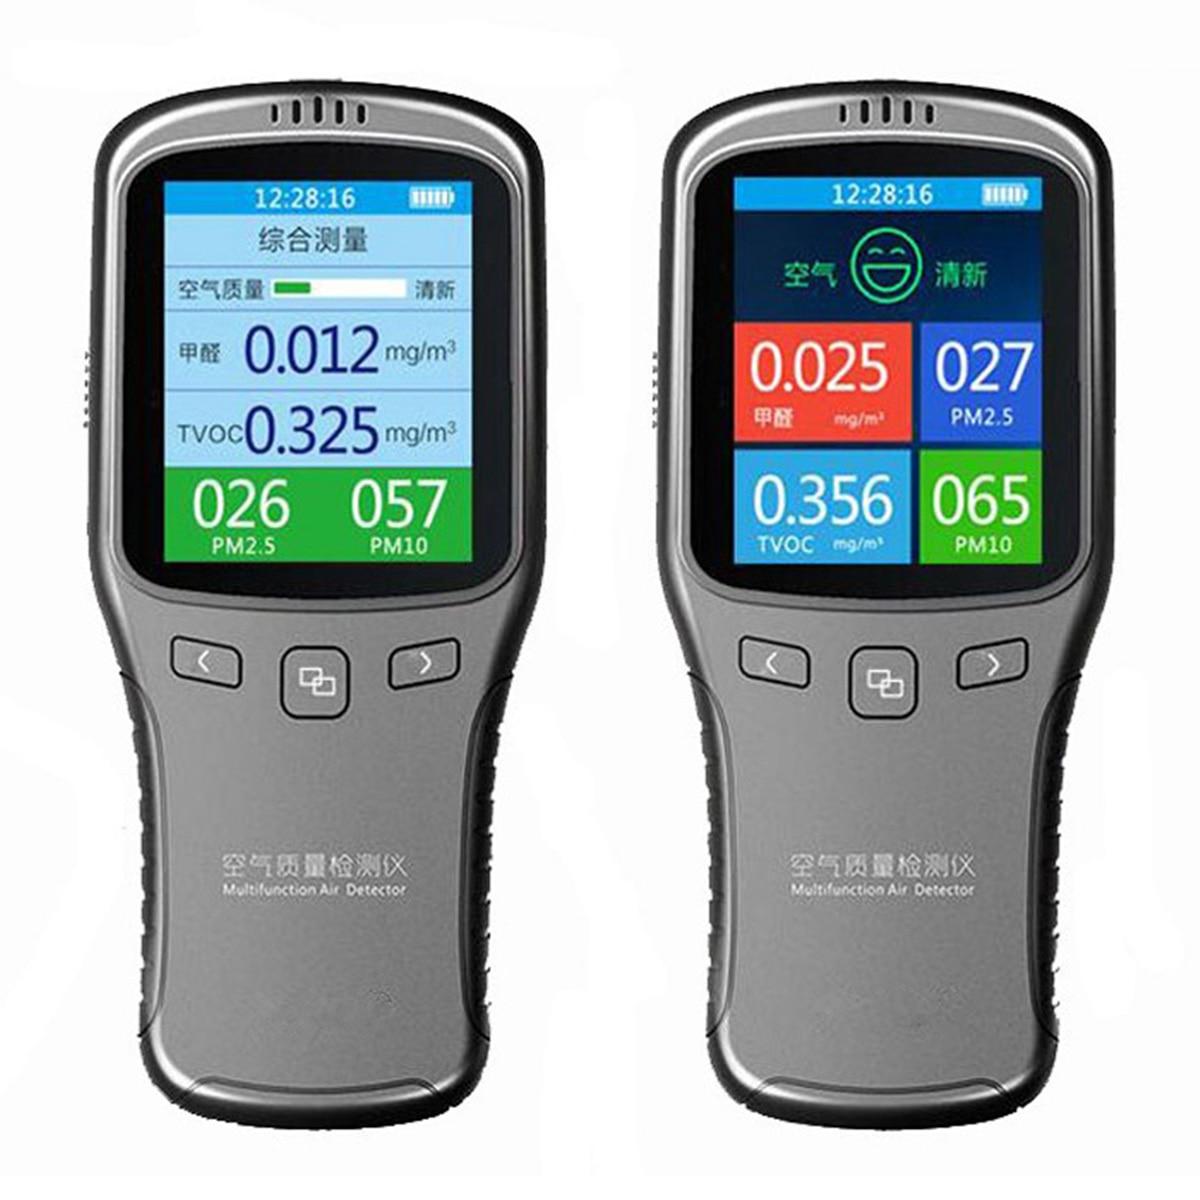 LiebenswüRdig Wp6912 6 In 1 Haushalt Laser Formaldehyd Detektor Ch2o Tvoc Pm2.5 Tester Air Qualität Detektor Von Der Konsumierenden öFfentlichkeit Hoch Gelobt Und GeschäTzt Zu Werden Werkzeuge